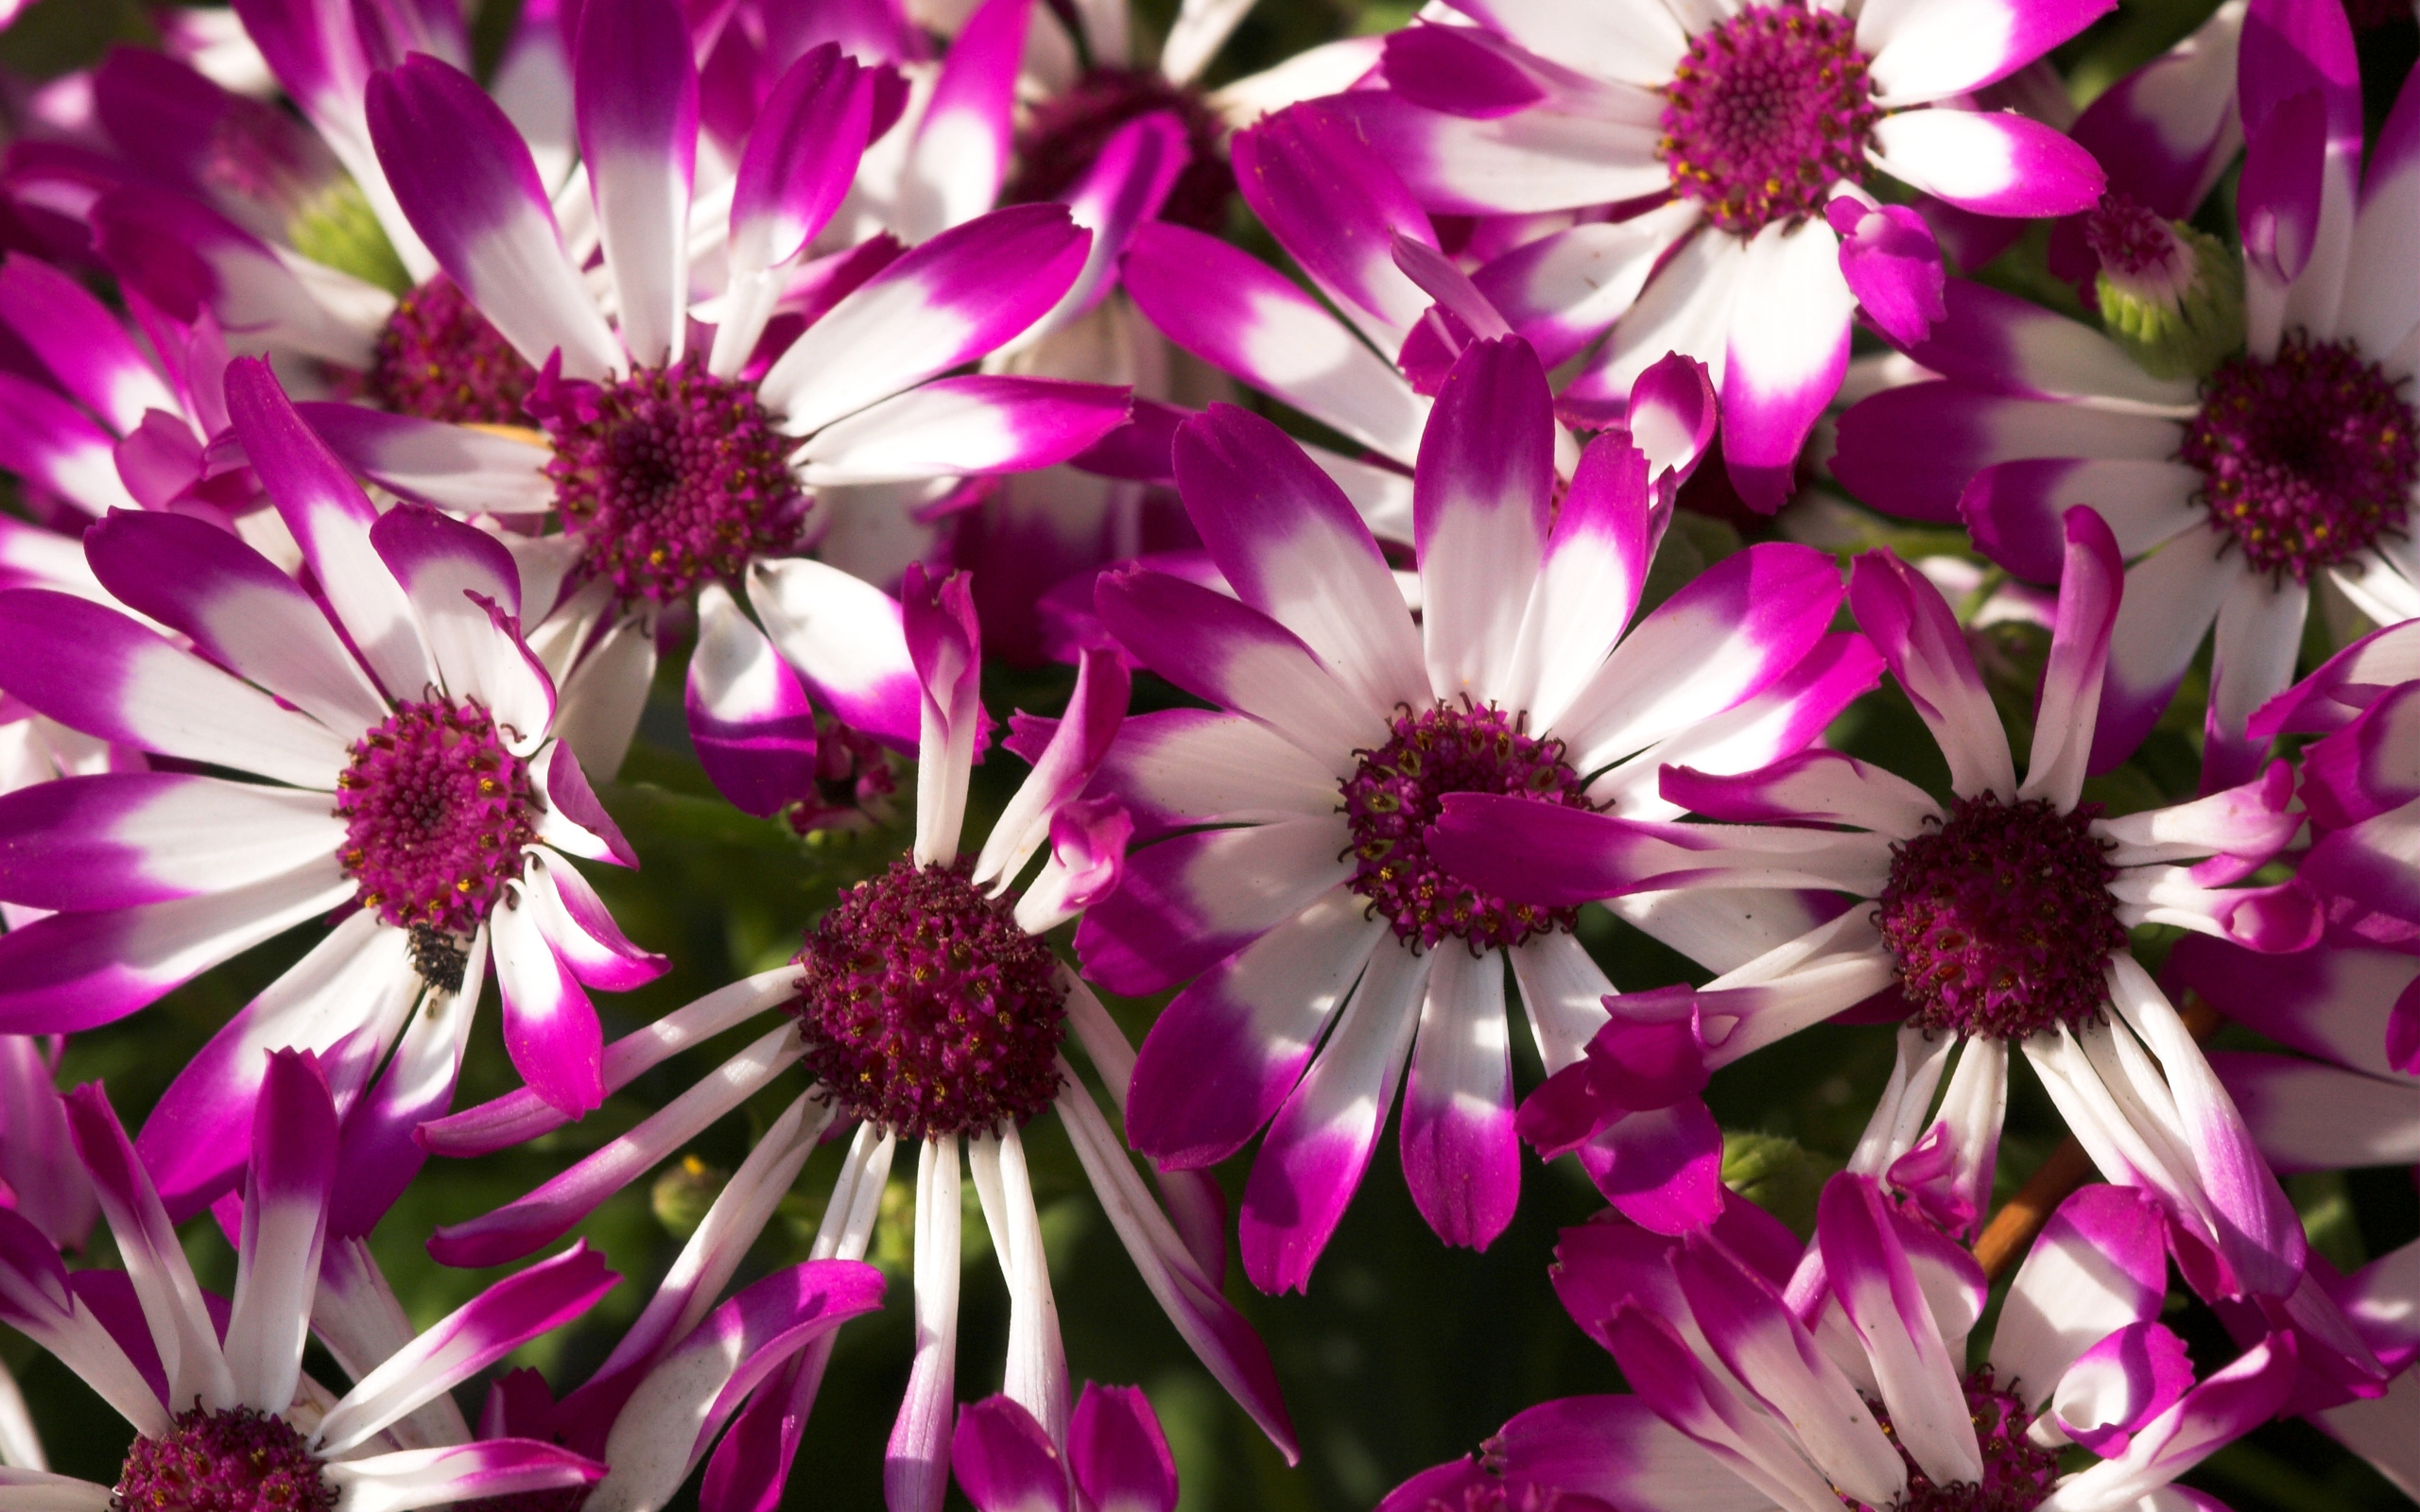 Purple flower wallpaper photo